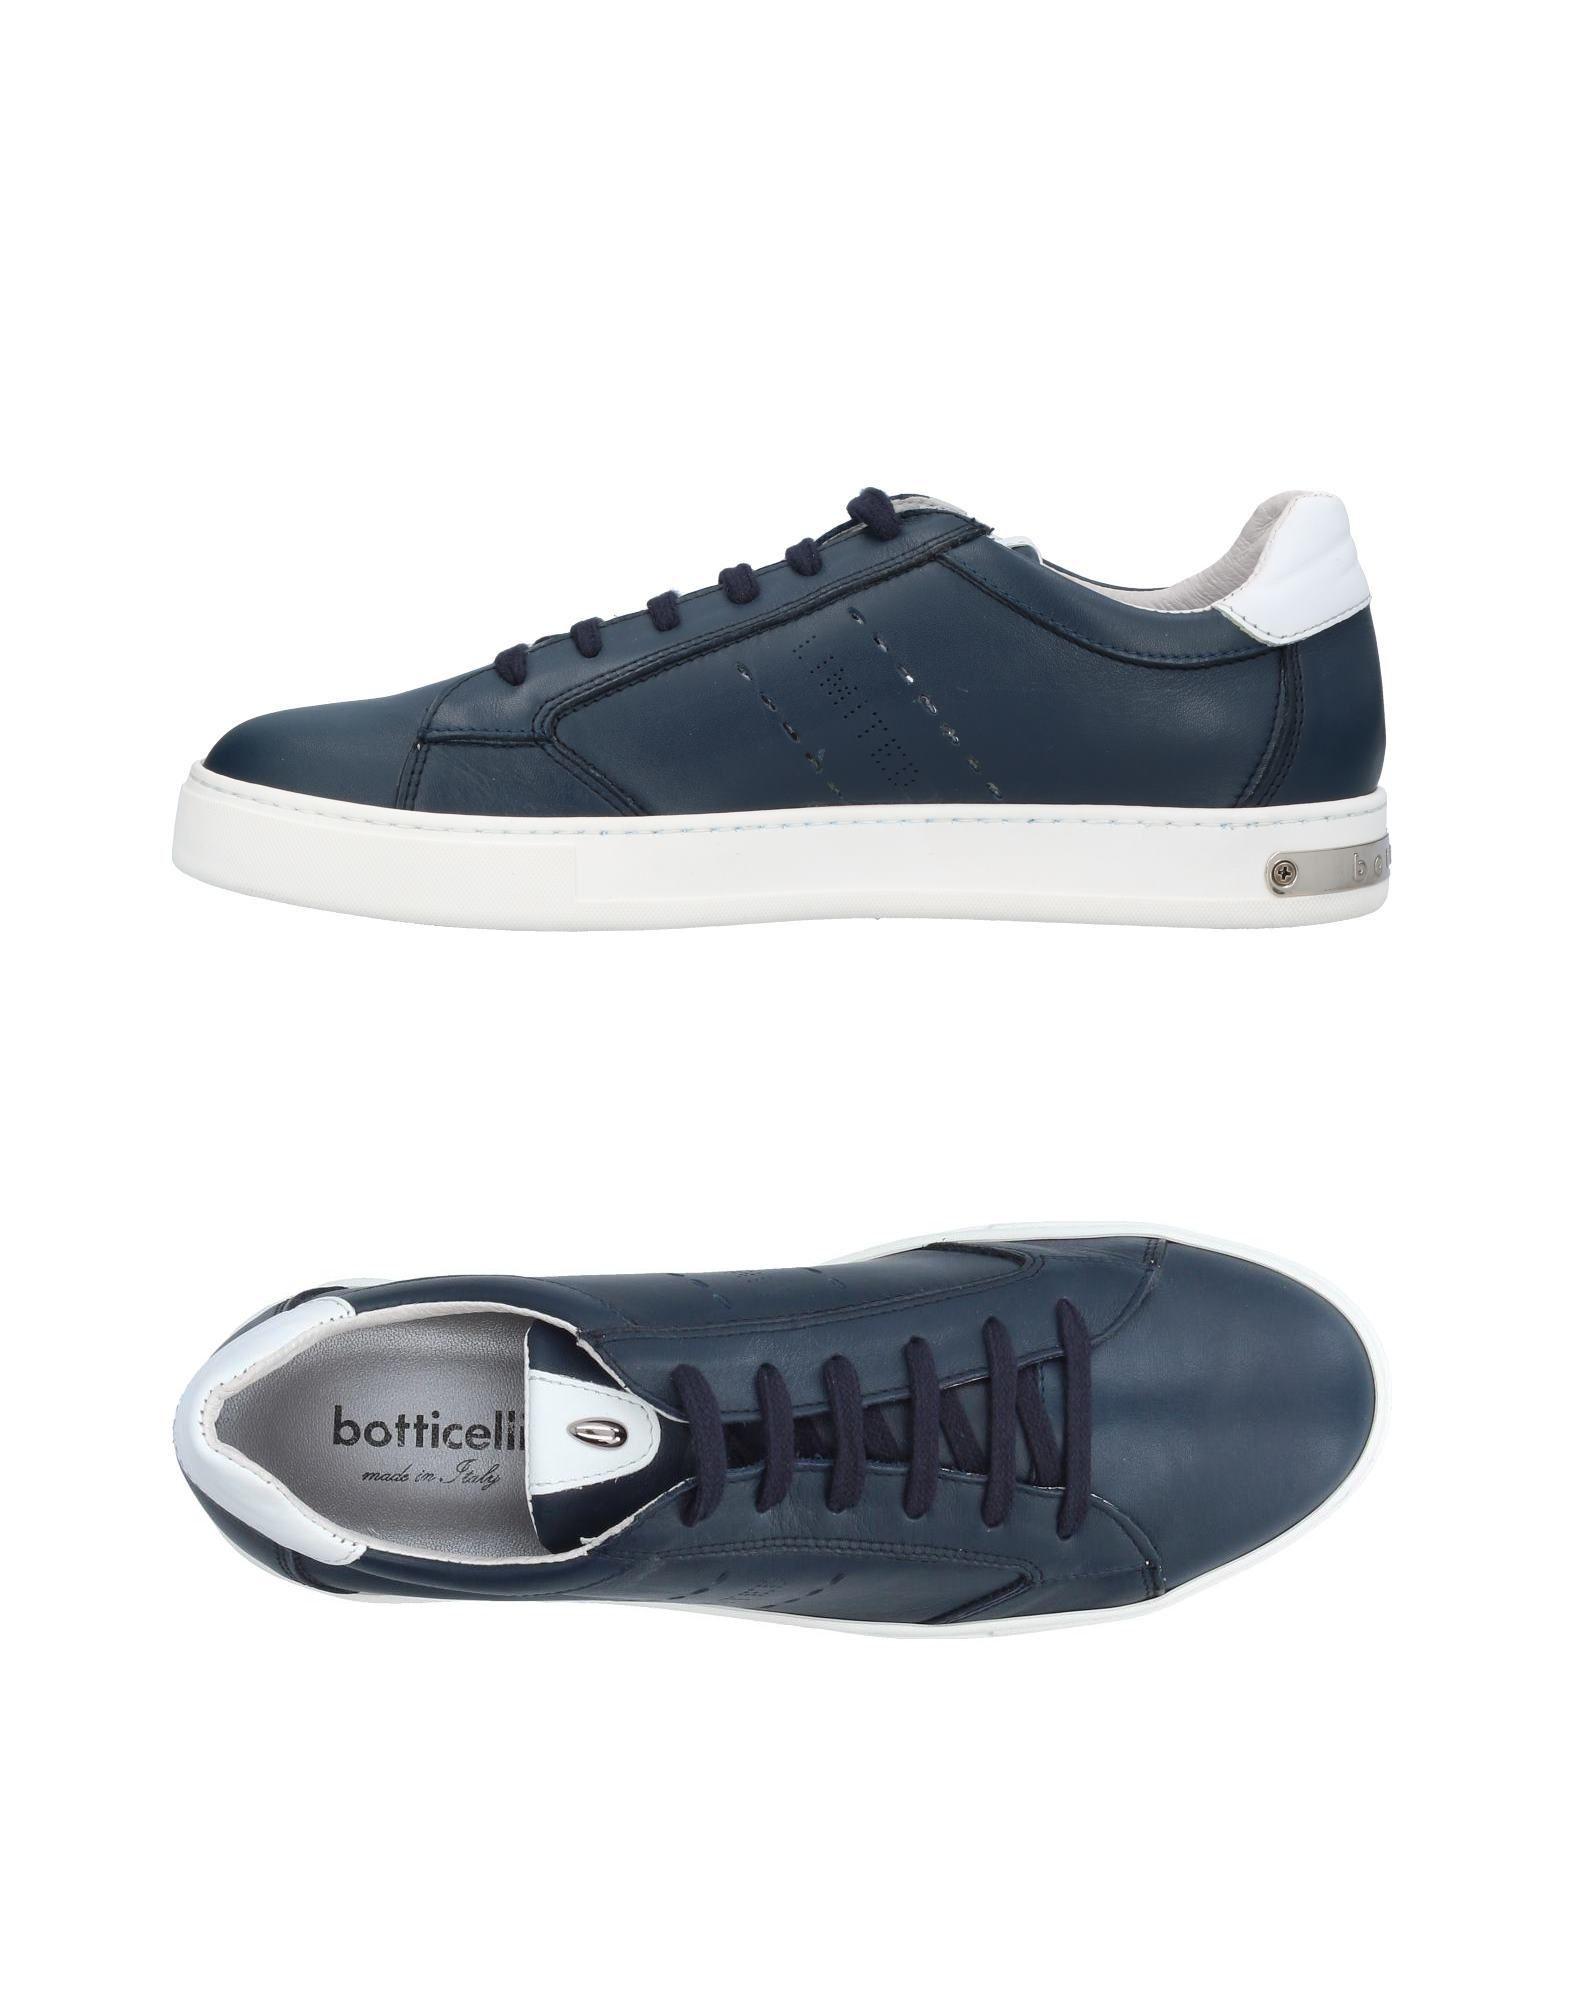 Roberto Botticelli Sneakers Herren  11405863XM